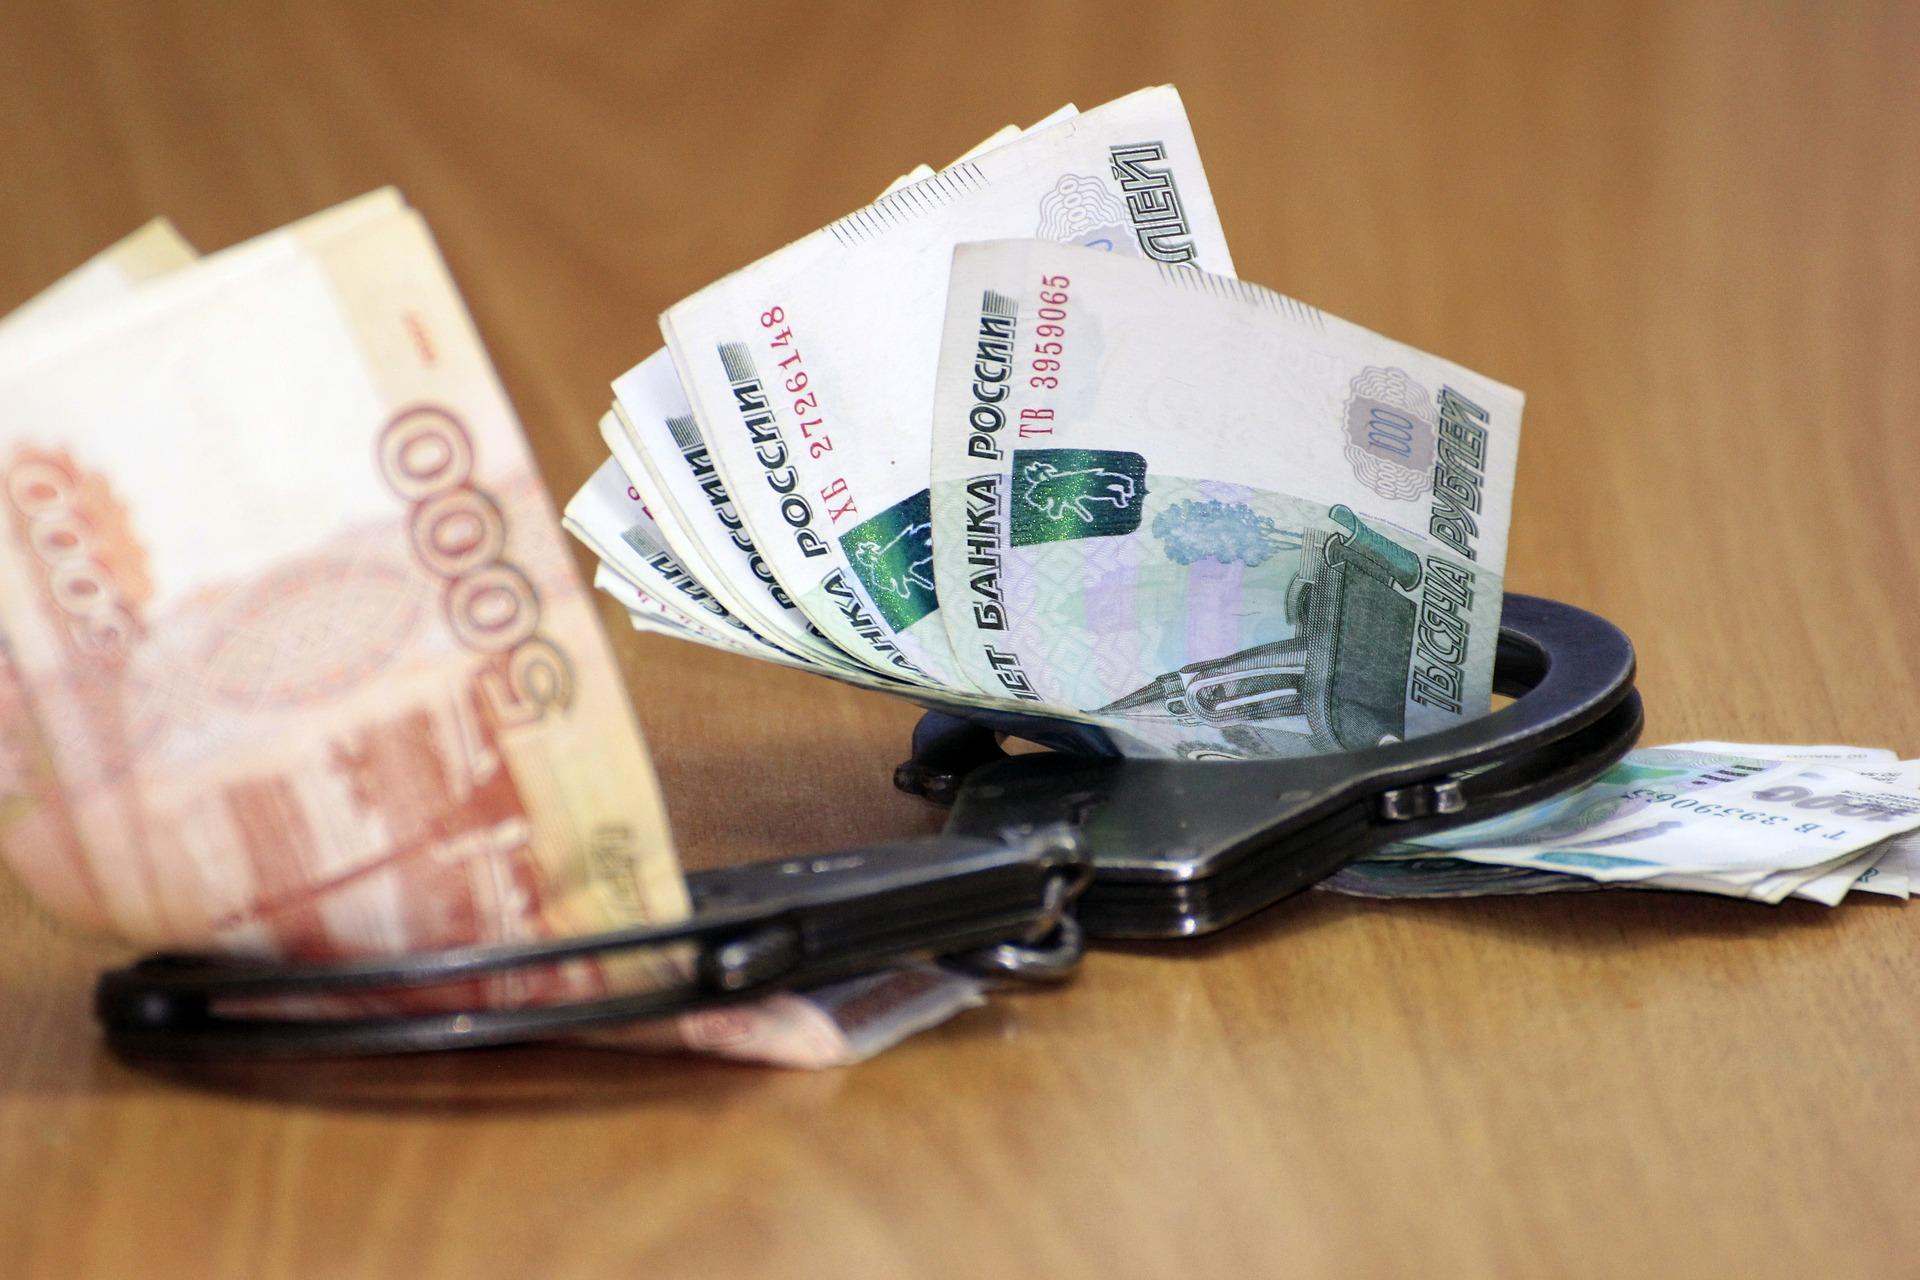 Сотрудник краевого министерства задержан за взятку более 100 тыс. рублей